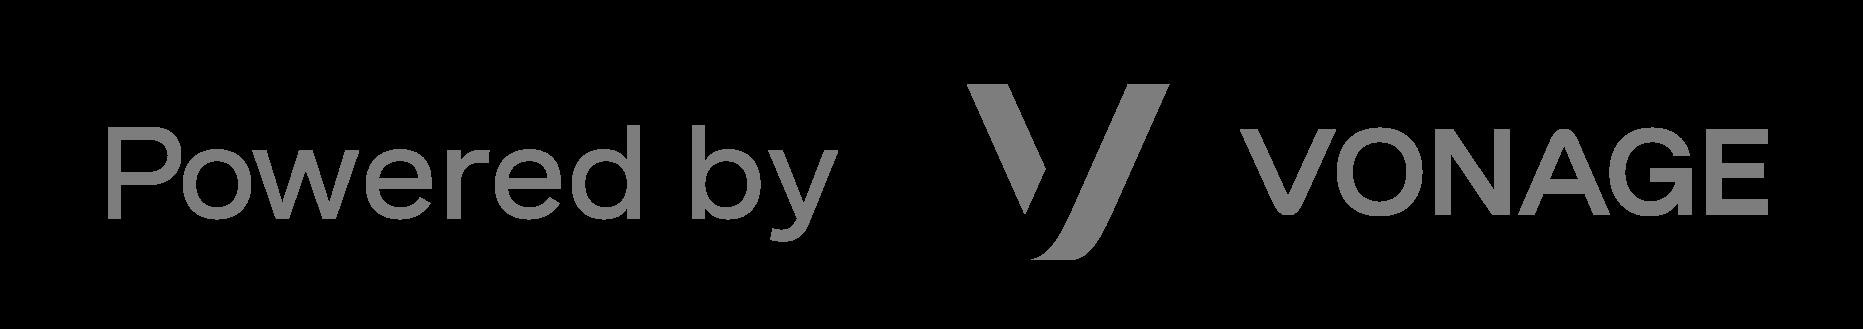 vonage_logo